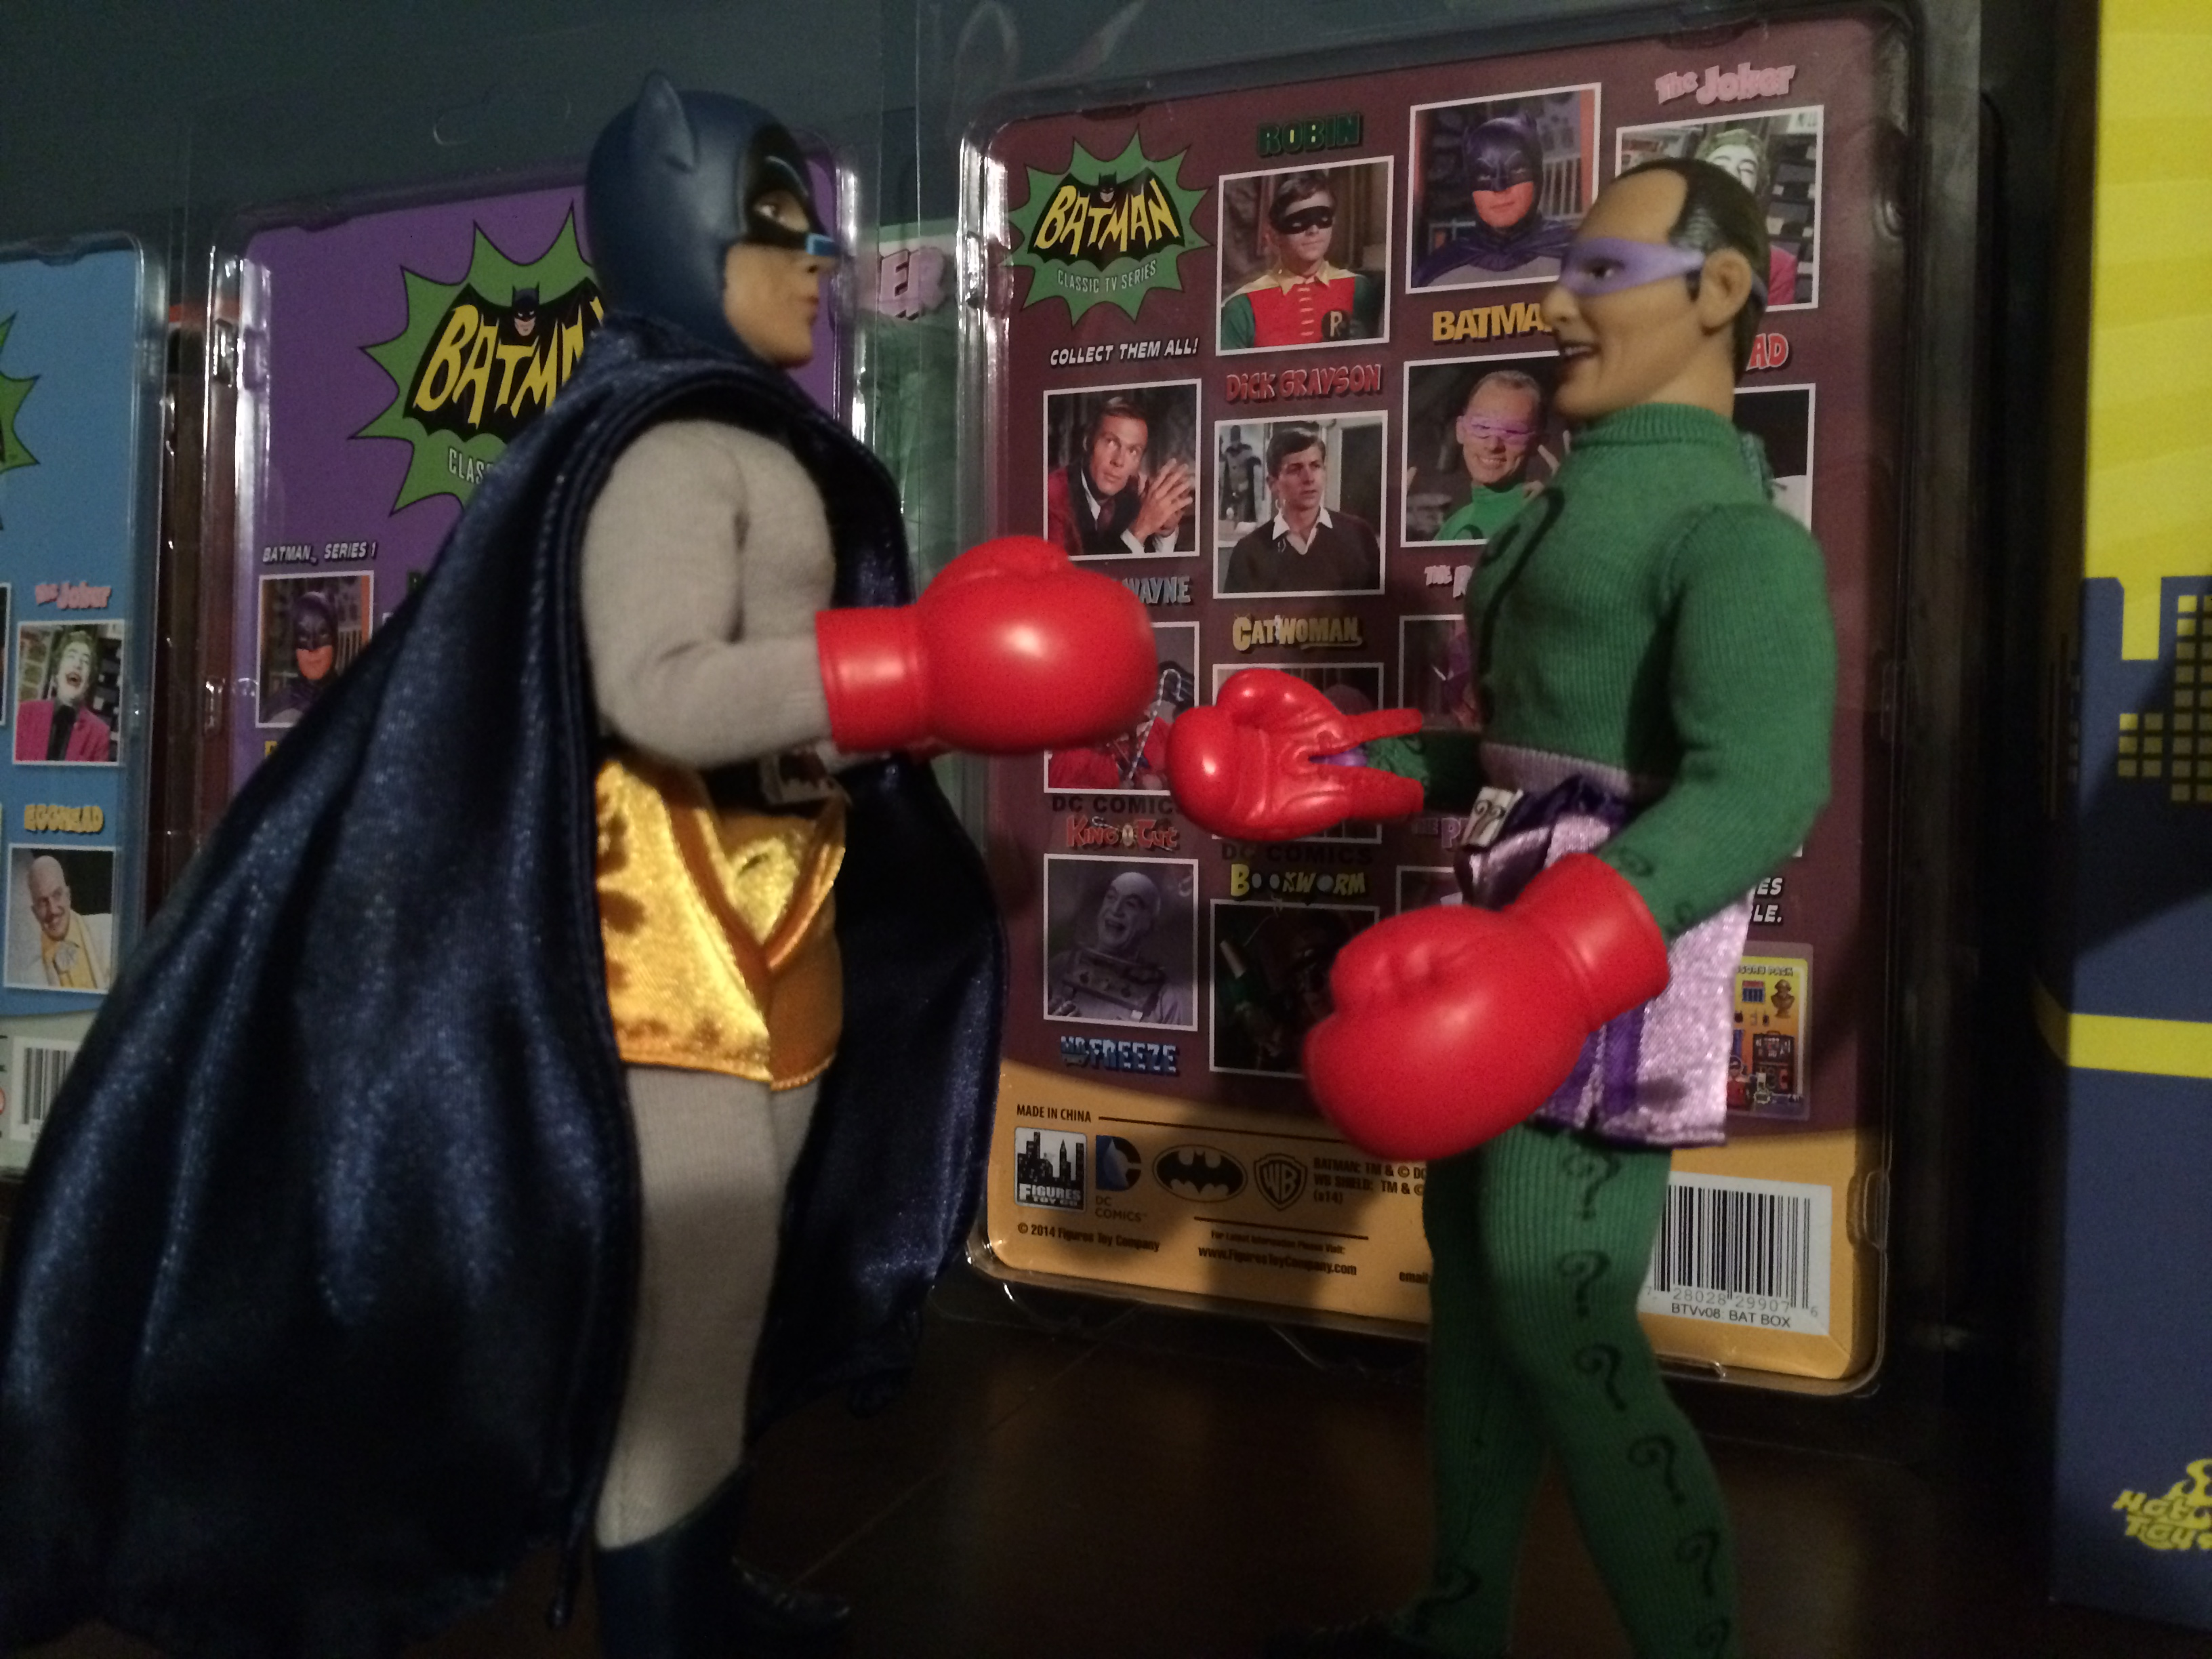 Batman vs. The Riddler